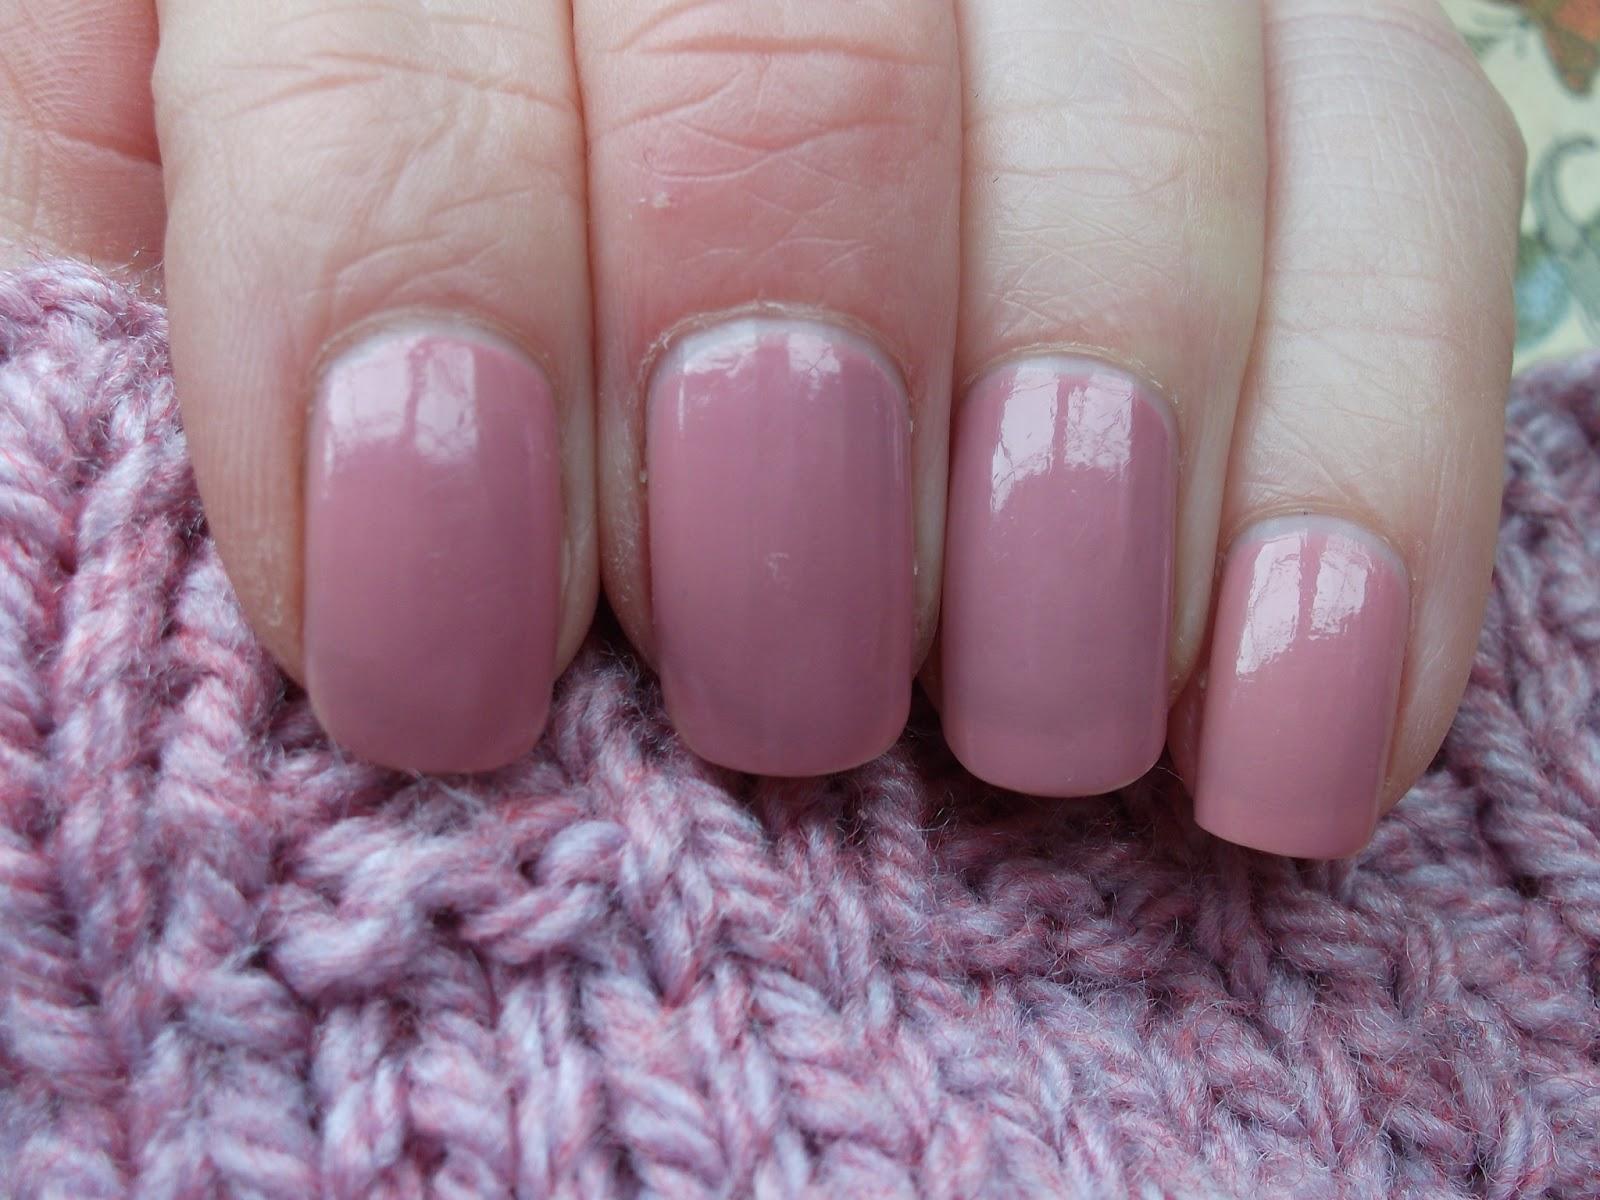 Knitty Nails: OPI Pink Nail Envy